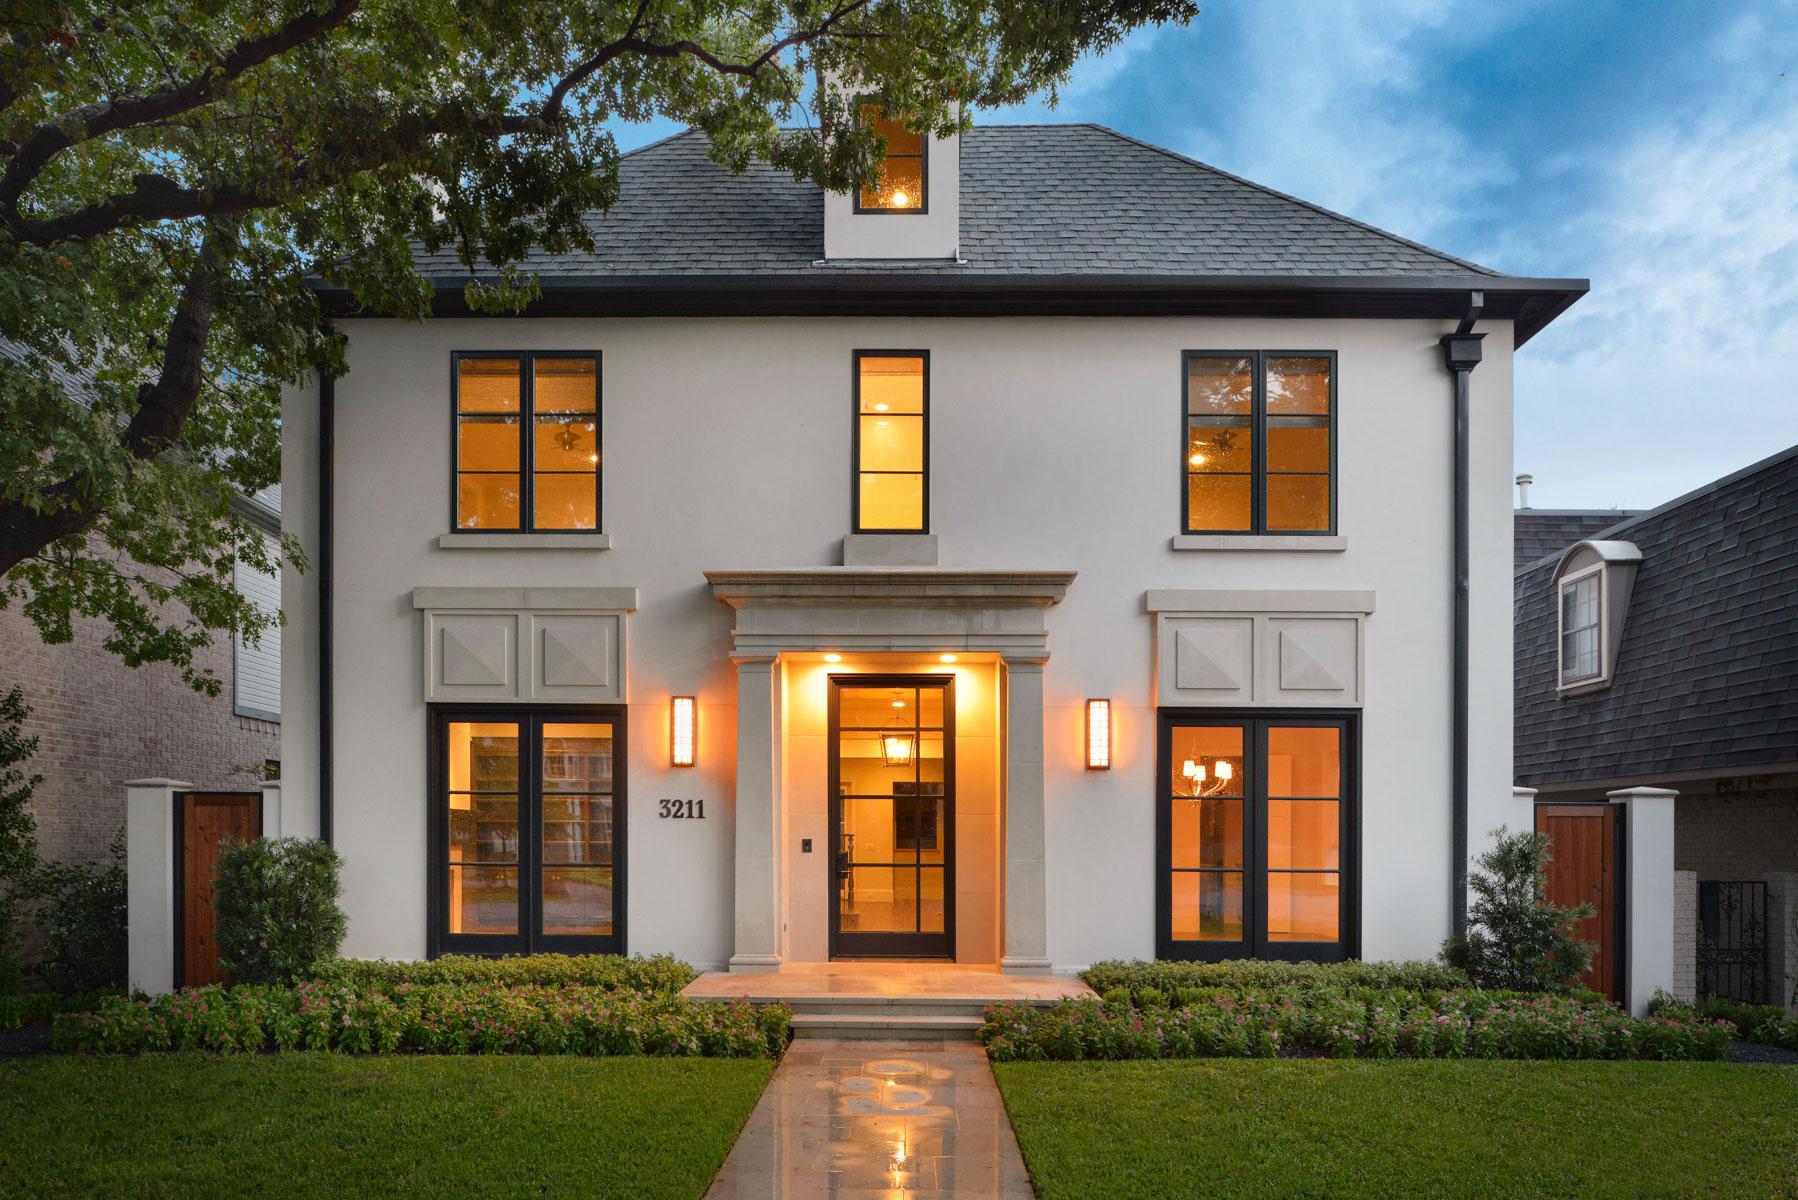 Maison unifamiliale pour l Vente à Highland Park New Construction 3211 Drexel Dallas, Texas, 75205 États-Unis